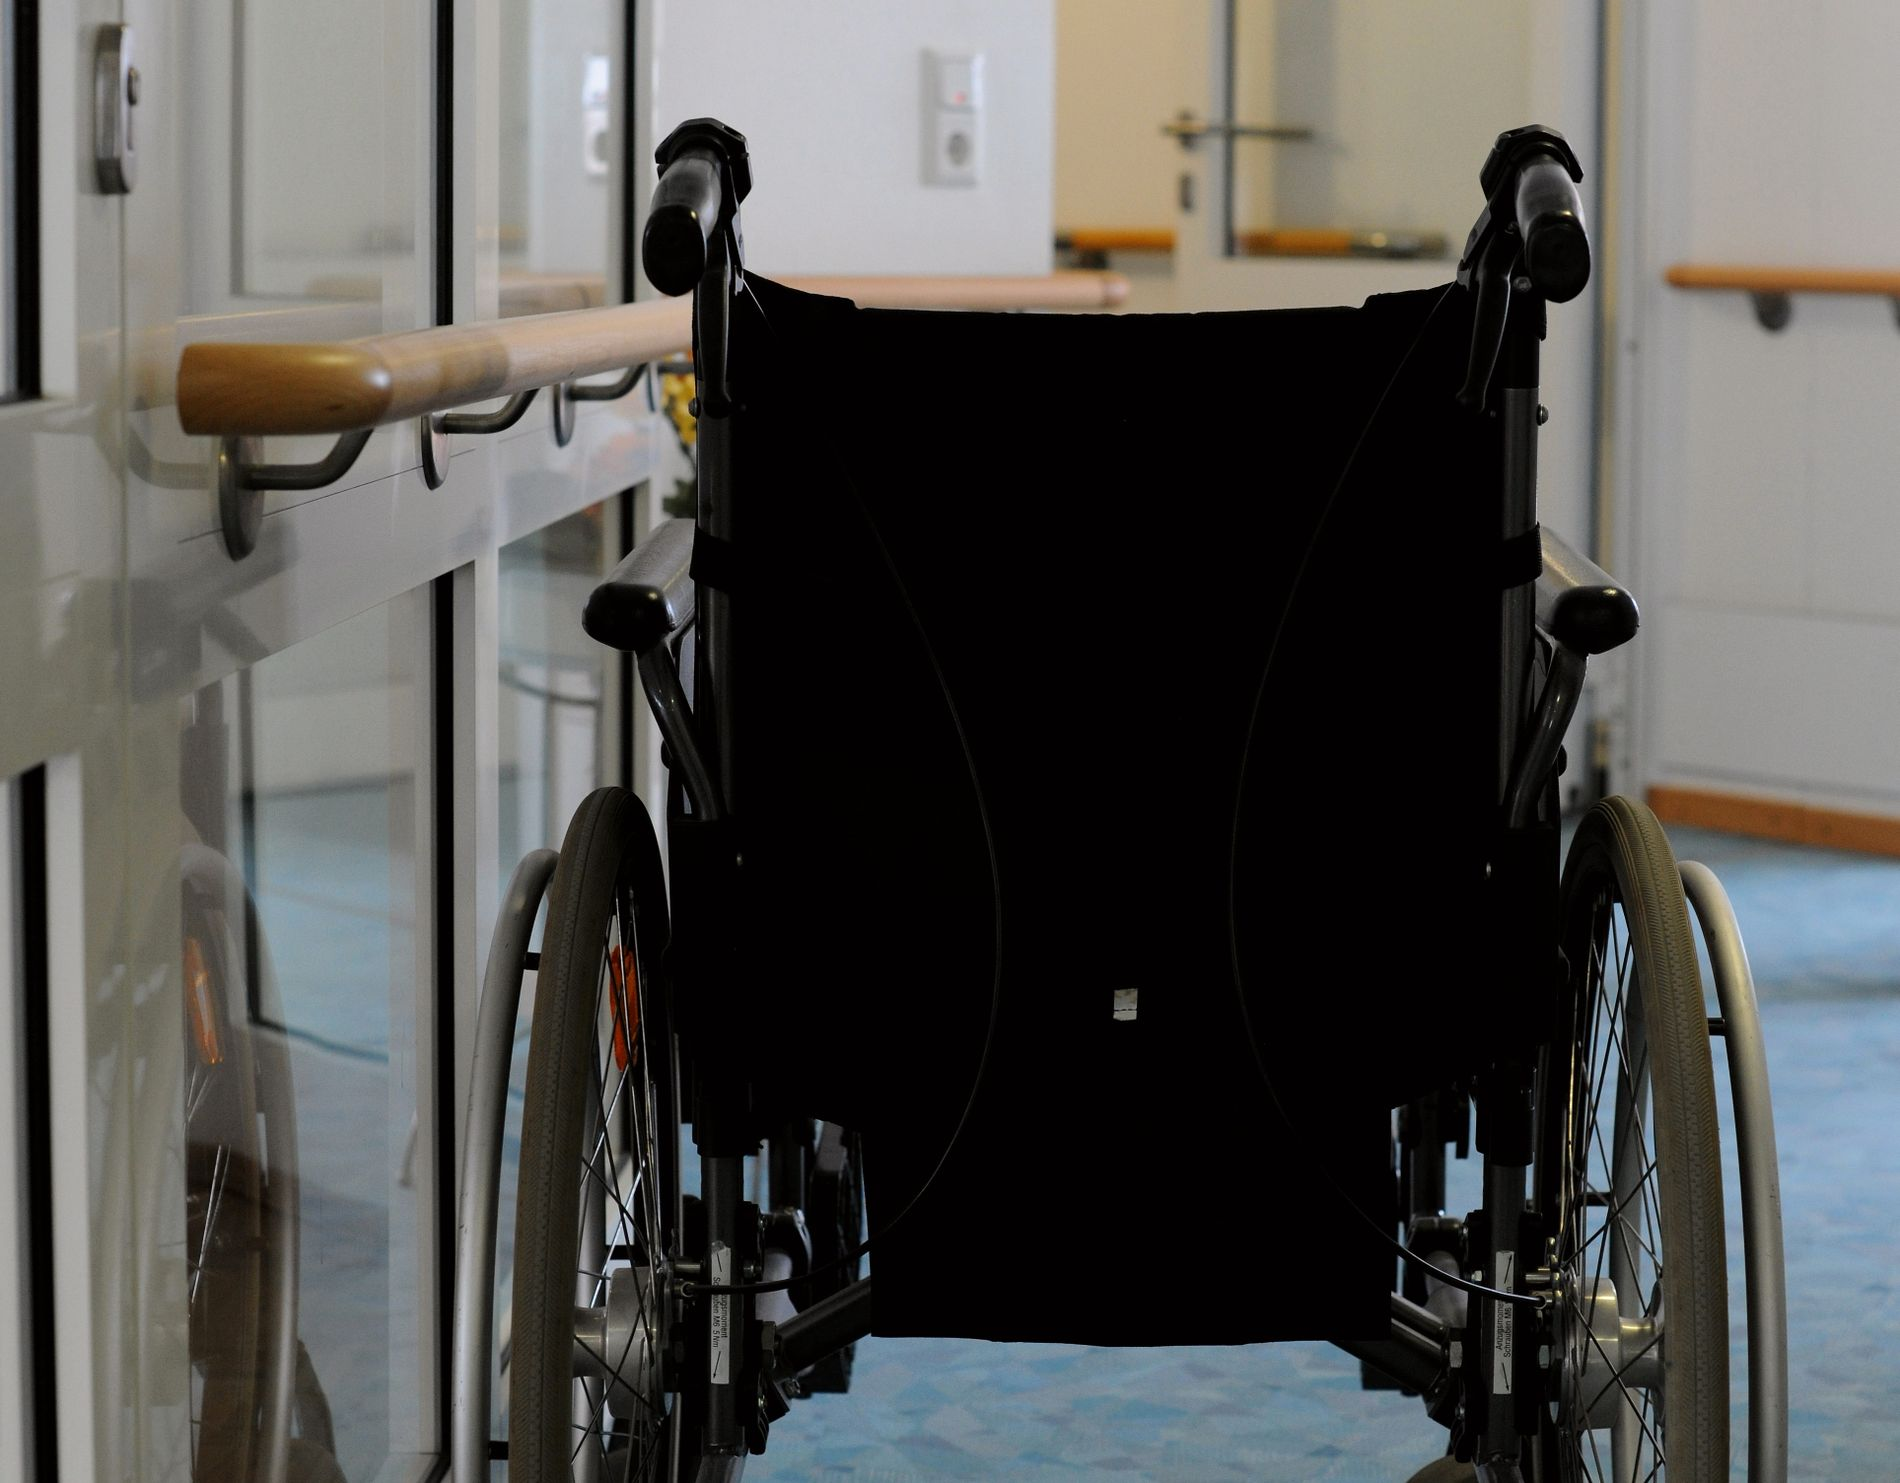 UTE AV TIDA: Bakgrunnen for at døden har blitt fjernare er ikkje berre moderne medisin og airbagar. Det kjem òg av at me har outsourca omsorgsarbeidet, akkurat som me har outsourca barnepass til barnehagane, skriv gjestekommentator Ingebjørn Bleidvin.